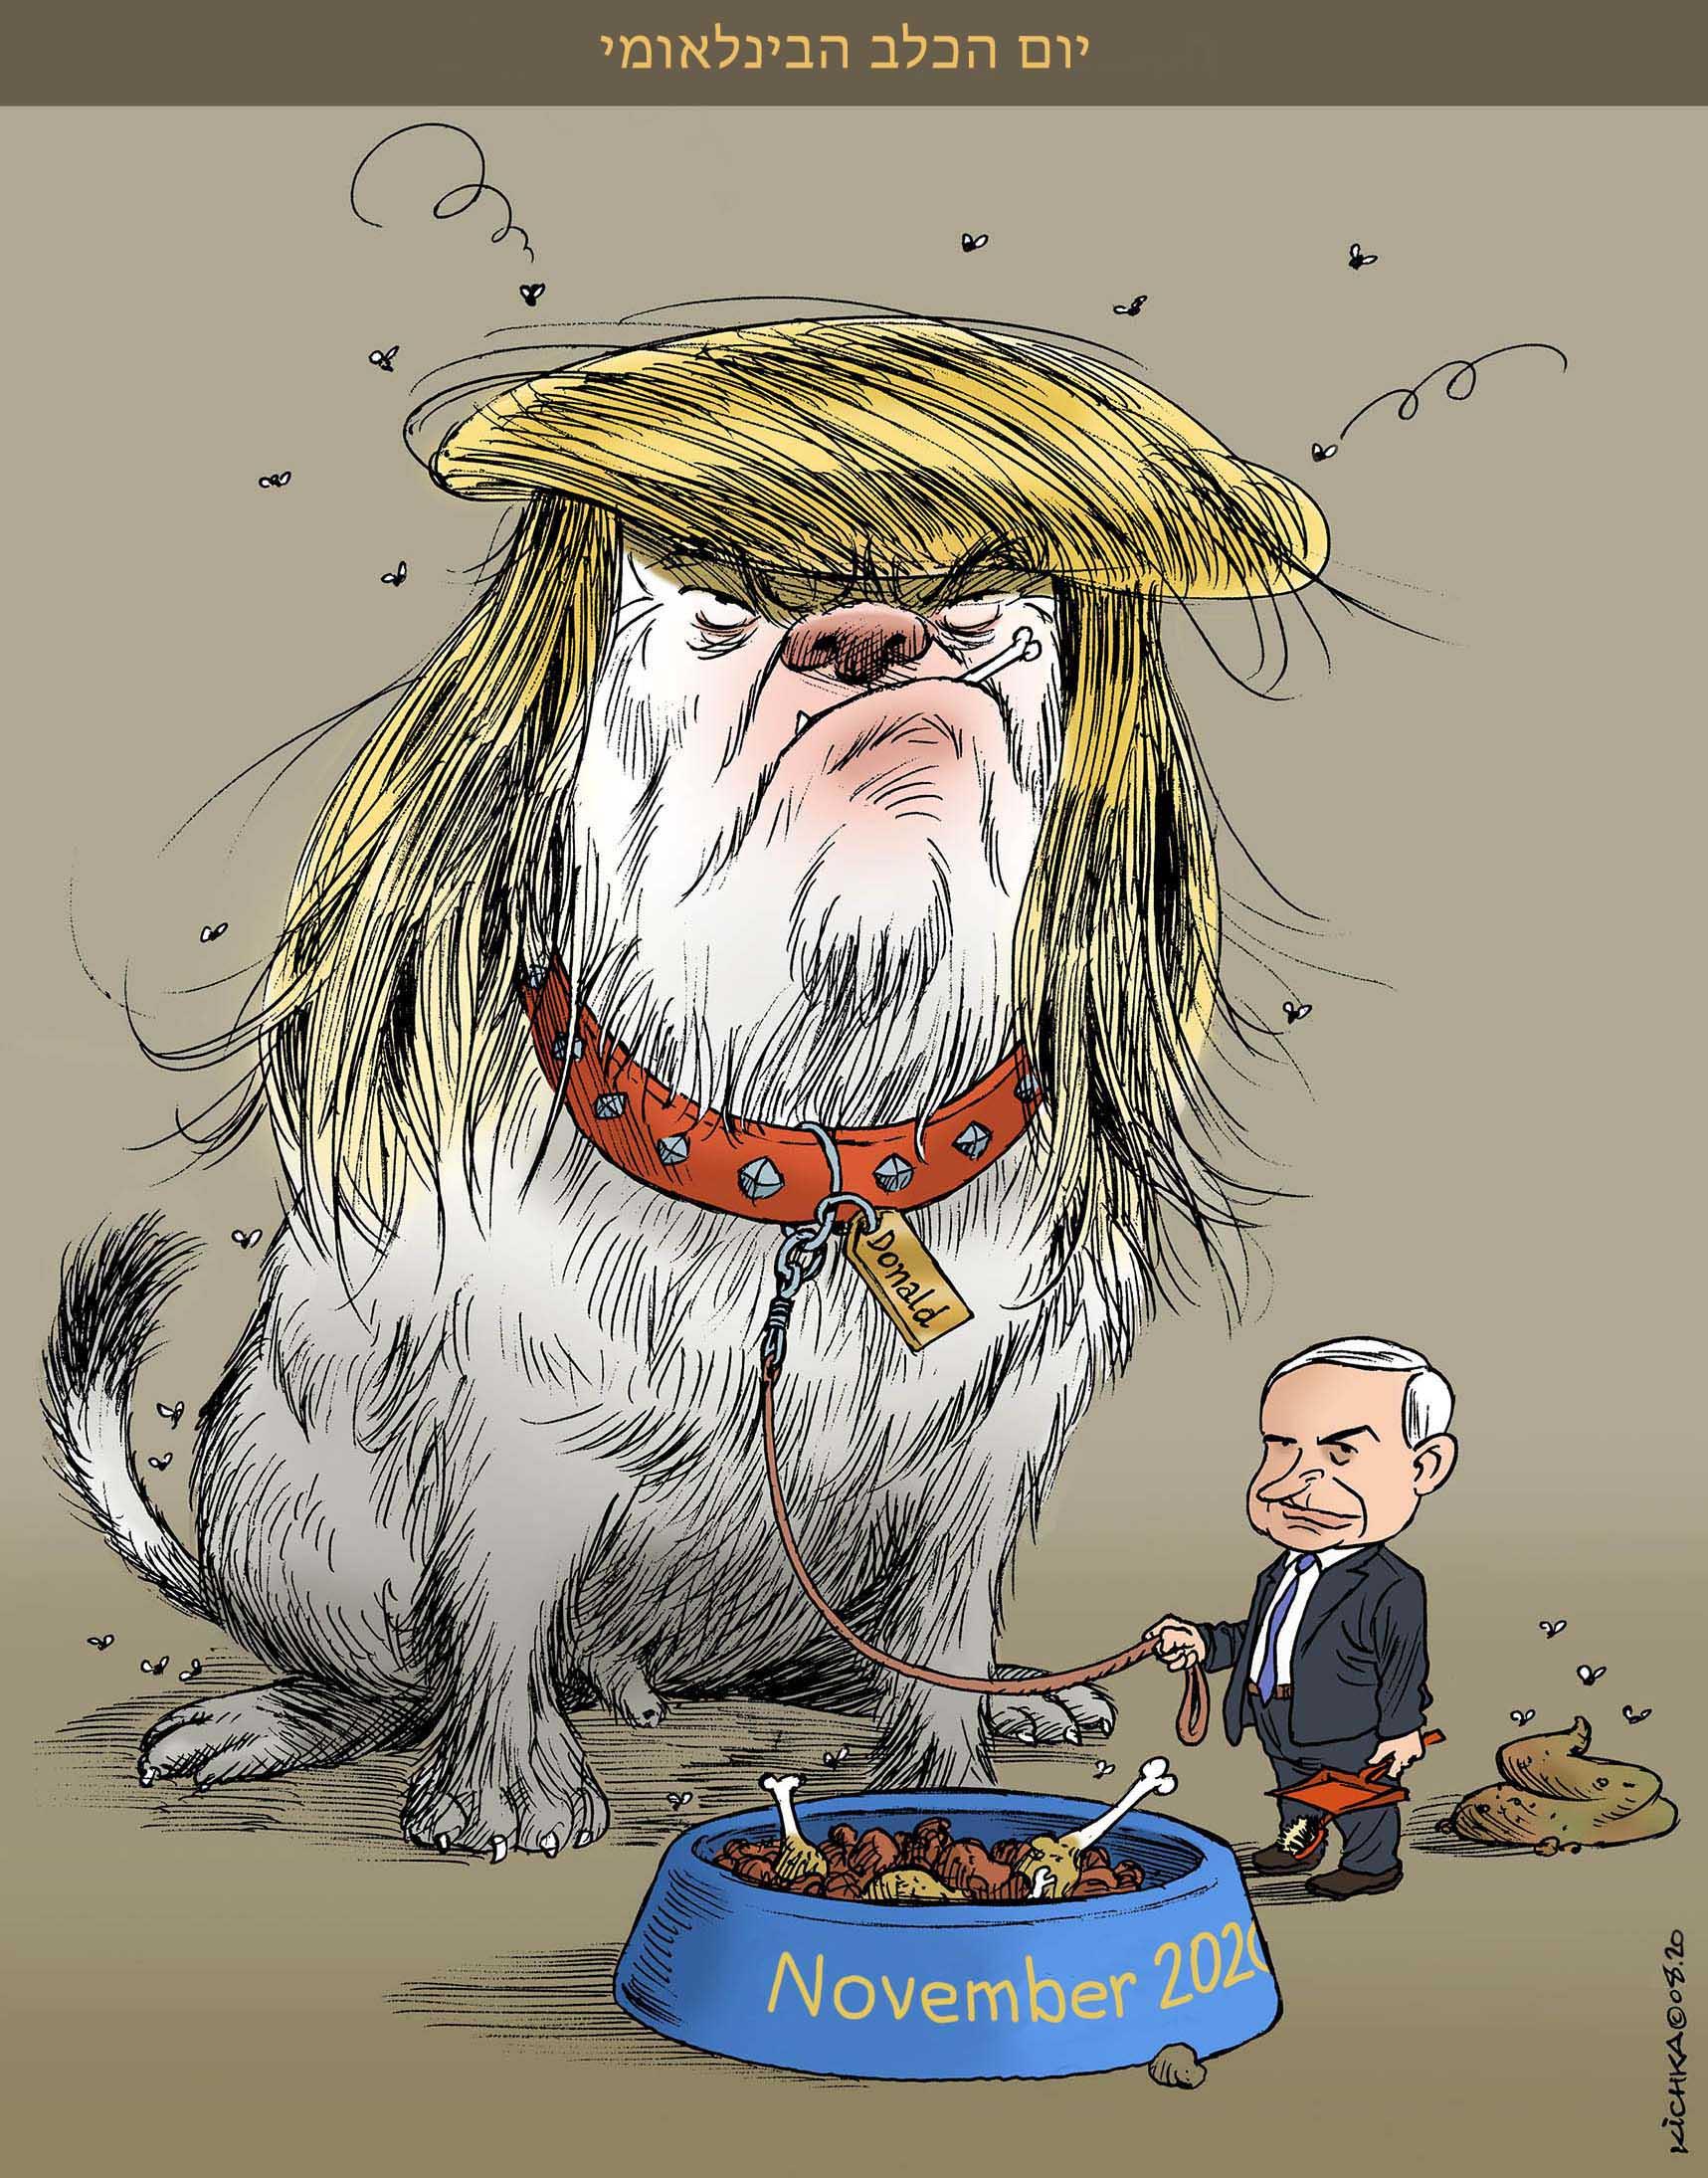 Trump Dog Day